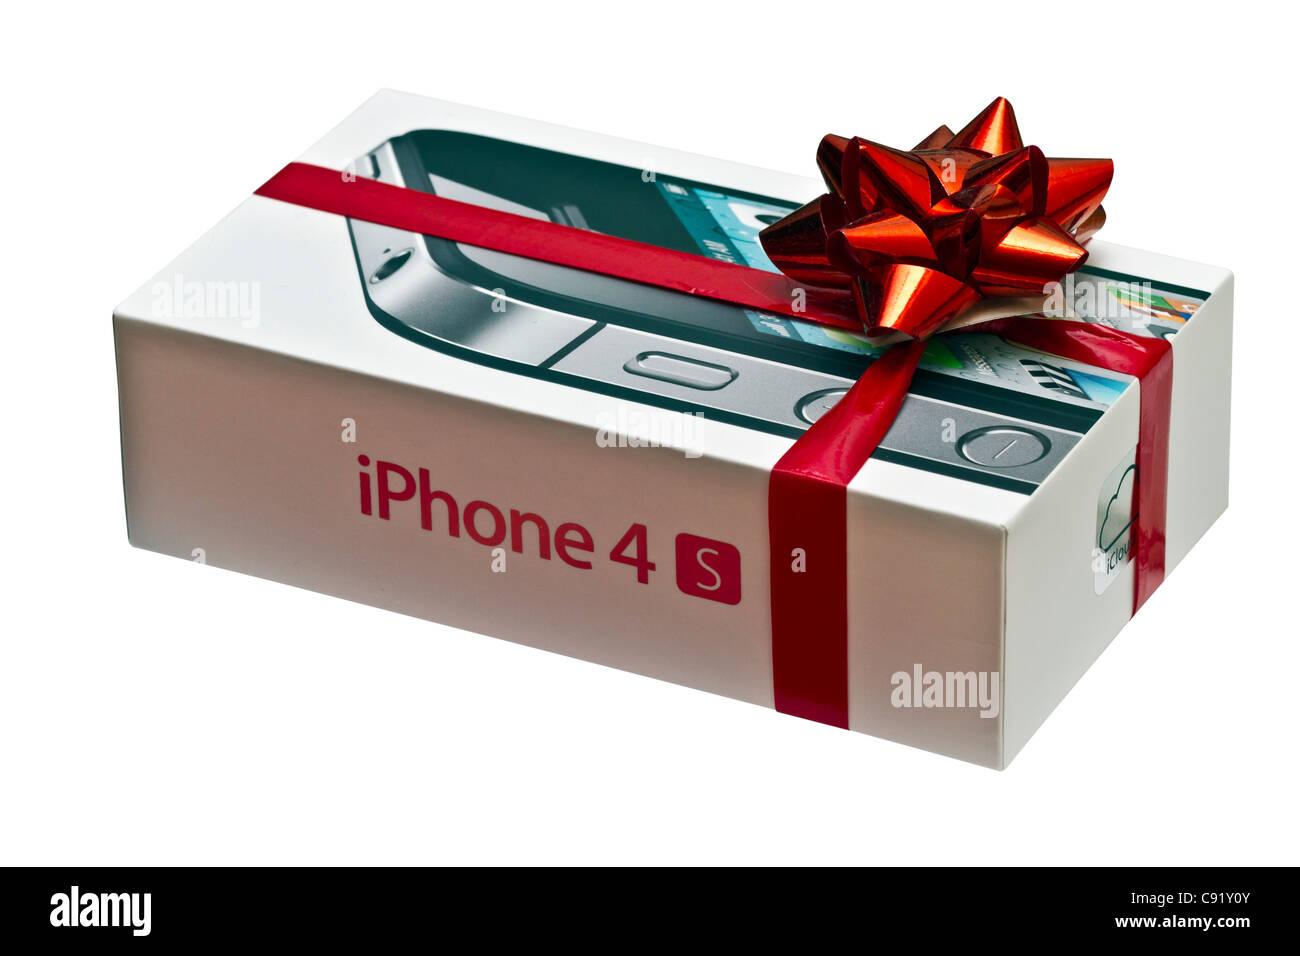 Заказать подарок по телефону 887